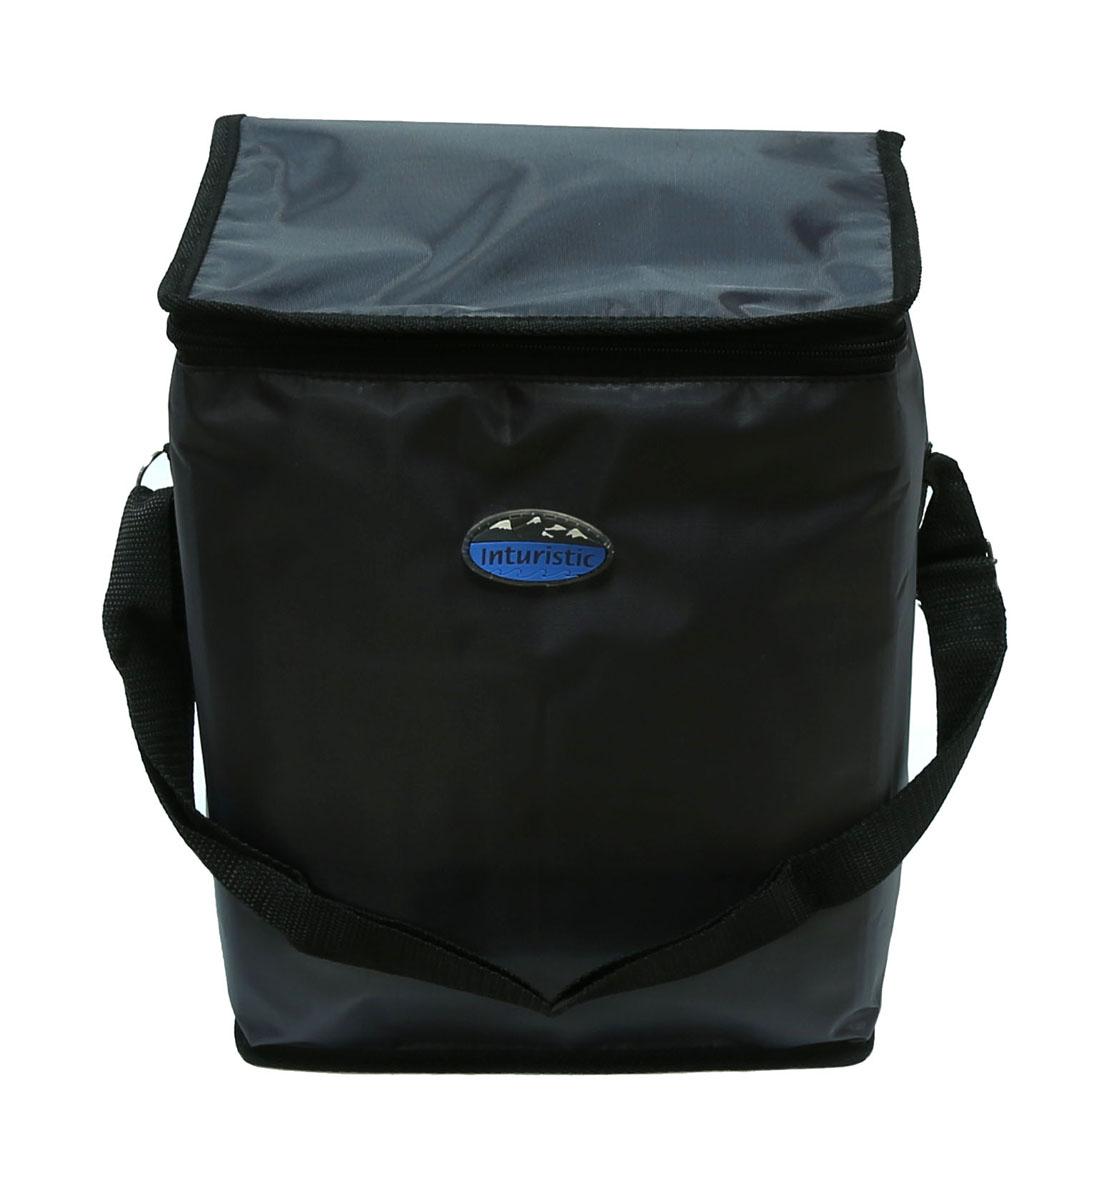 Сумка изотермическая Inturistic, цвет: серый, 17л128533-1Изотермическая сумка Inturistic поможет сохранить температуру пищи и напитков в течение нескольких часов. Она будет удобна при поездках на дачу, на пикник и дальних путешествиях. Коэффициент теплового отражения не менее 90%. Температурный диапазон от -60°С до 140°С. Вмещает по высоте до 6 ПЭТ бутылок емкостью 1,5 л с прохладительными напитками. Наибольший эффект достигается при использовании аккумуляторов холода. Имеется карман для аккумулятора холода. Карман можно использовать для переноски необходимых мелочей. Сумка удобна для переноски контейнеров с едой и ланч боксов. Материал: Oxford ПВХ, тепло/гидроизоляционный материал, термостойкая изоляция. Объем сумки: 17 л. Размер сумки: 26 х 20 х 32 см.